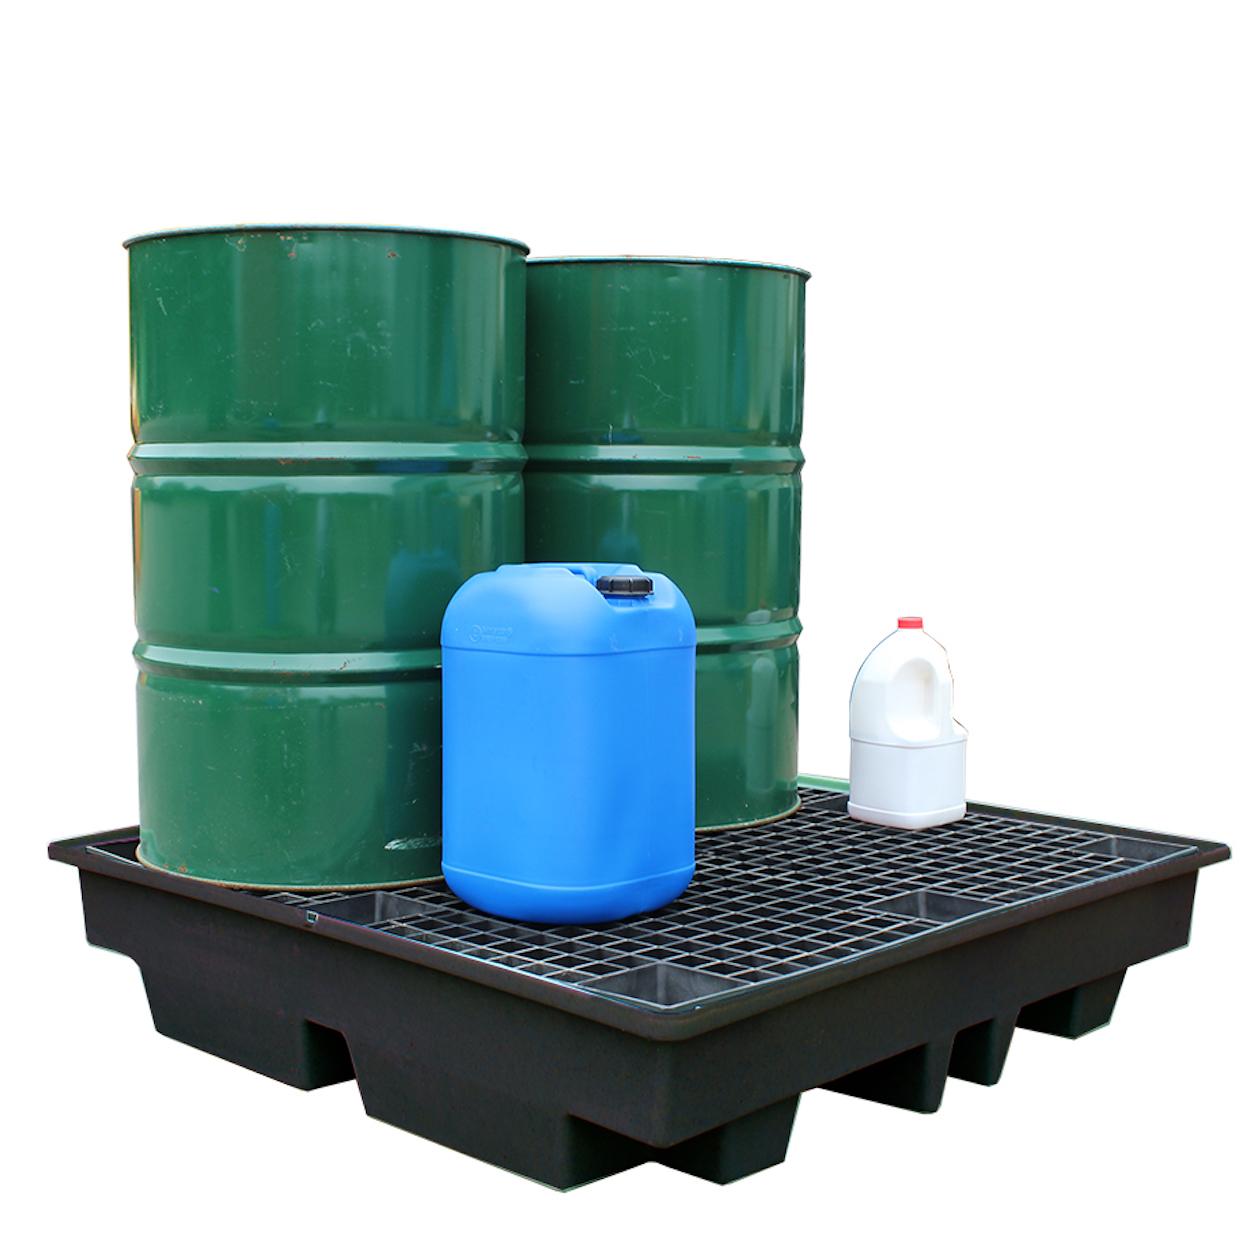 Černá záchytná vana pro 4 sudy - ekonomická varianta